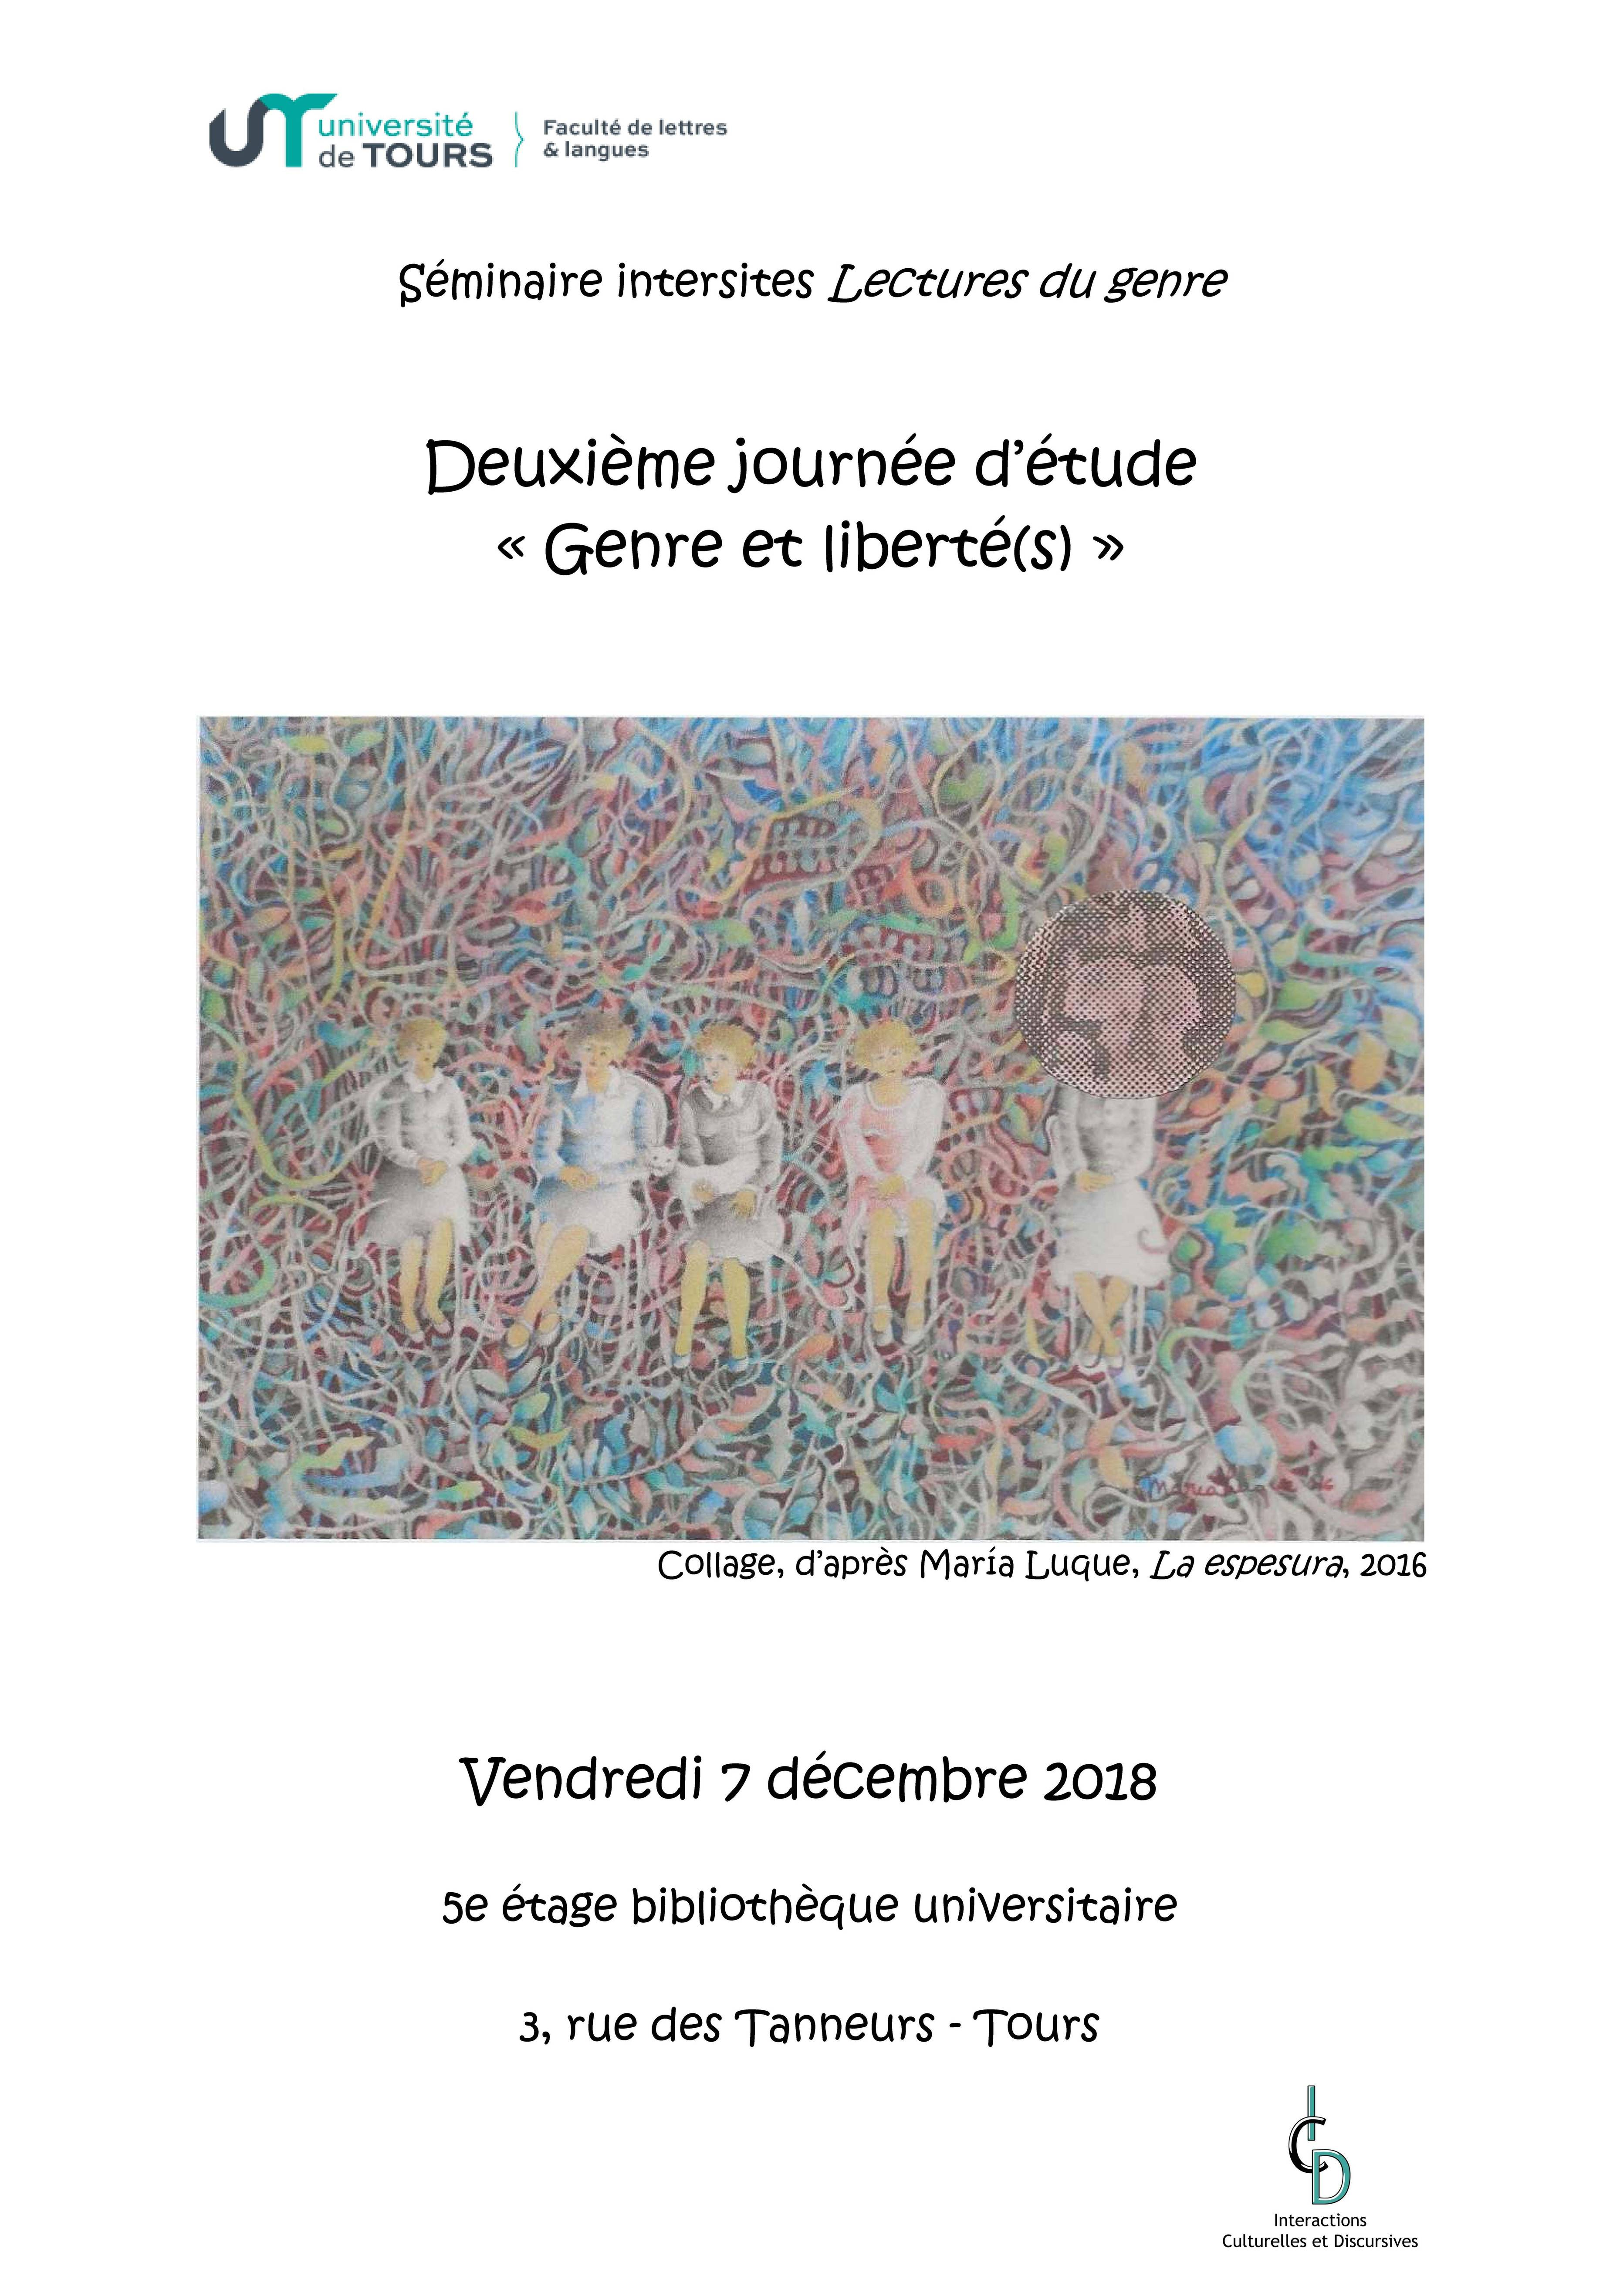 """Affiche de la journée détude """" Genres et liberté(s)"""" vendredi 7 décembre"""